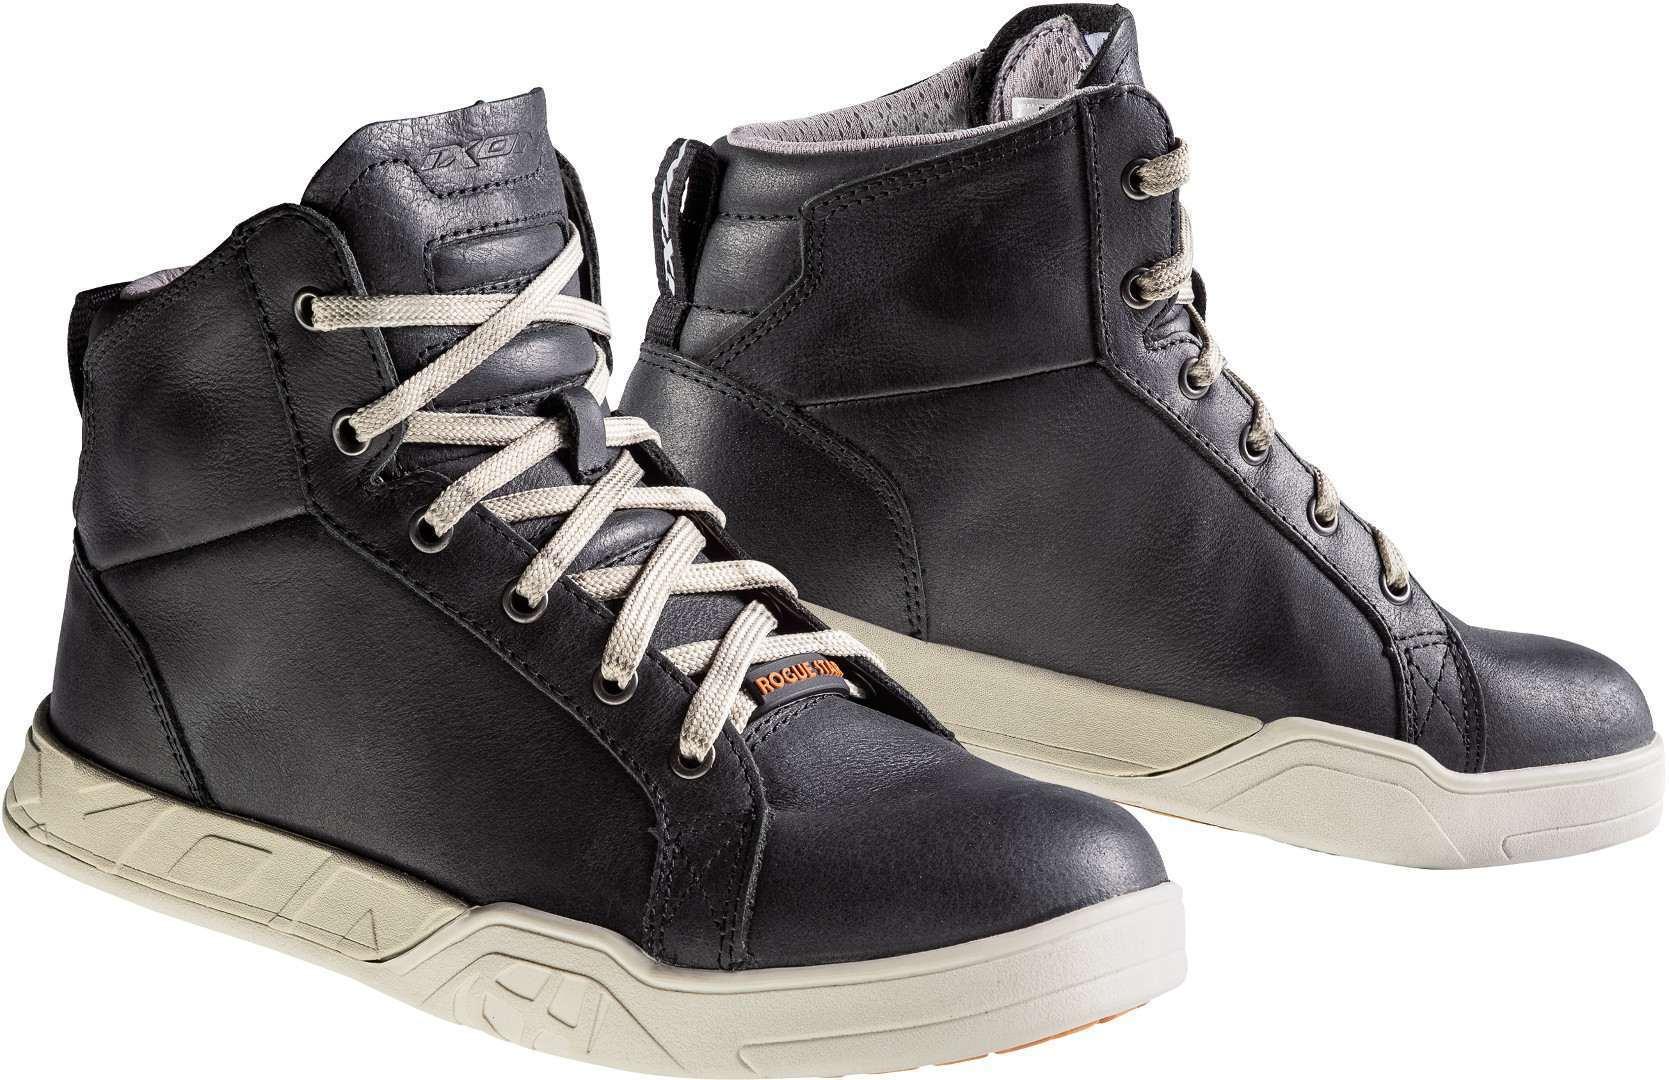 Ixon Rogue Star L Ladies chaussures de moto Noir taille : 40